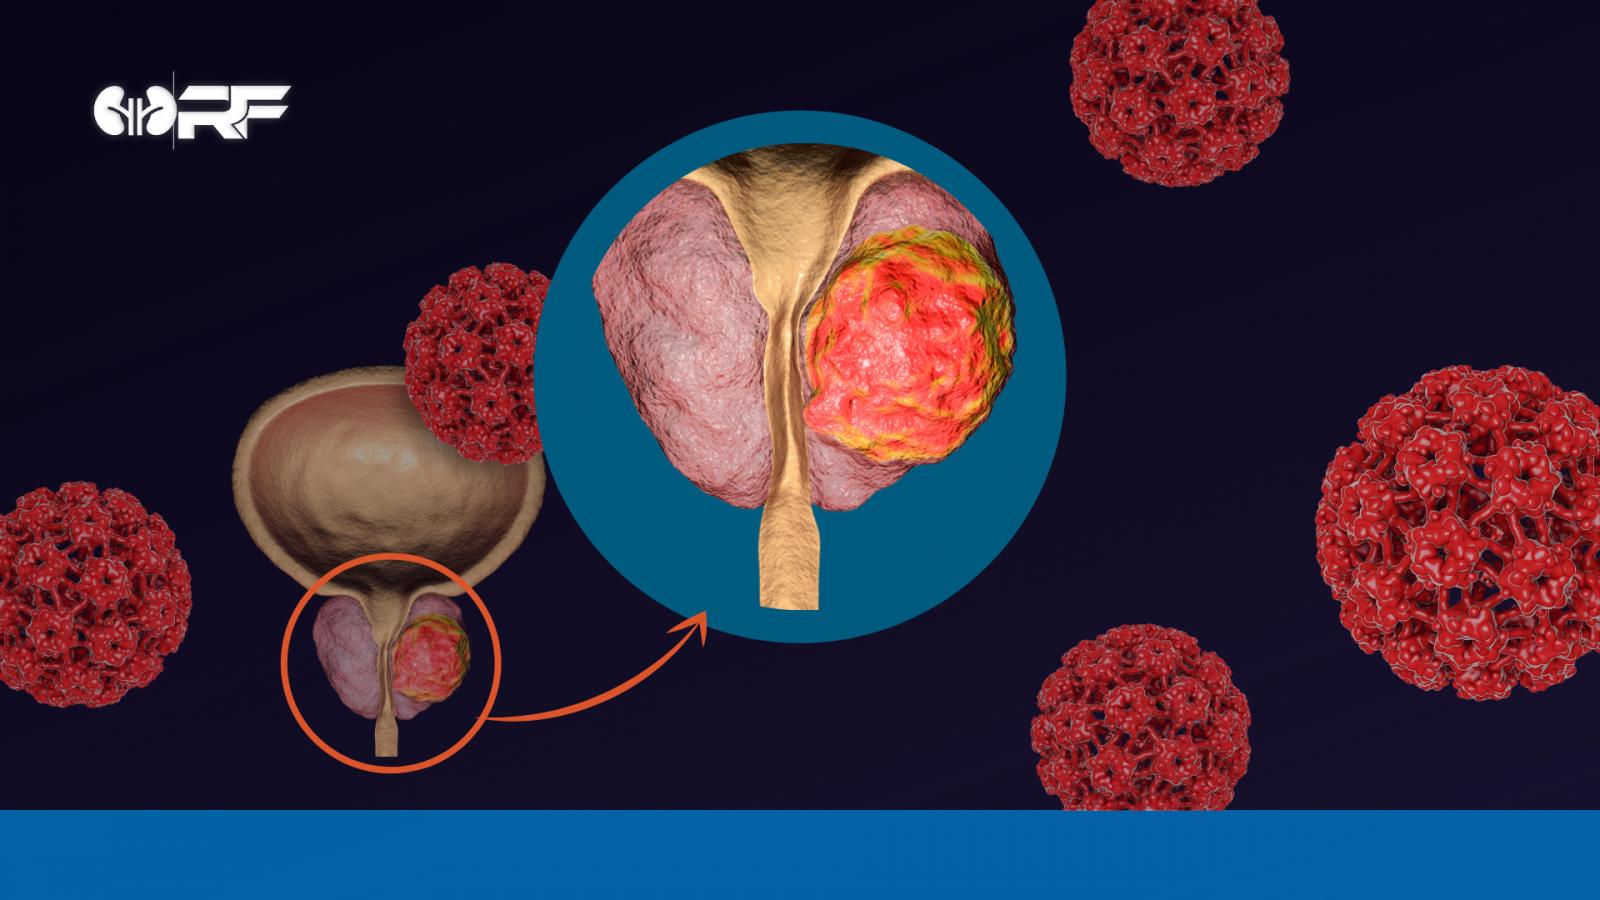 Câncer de próstata: o que você precisa saber